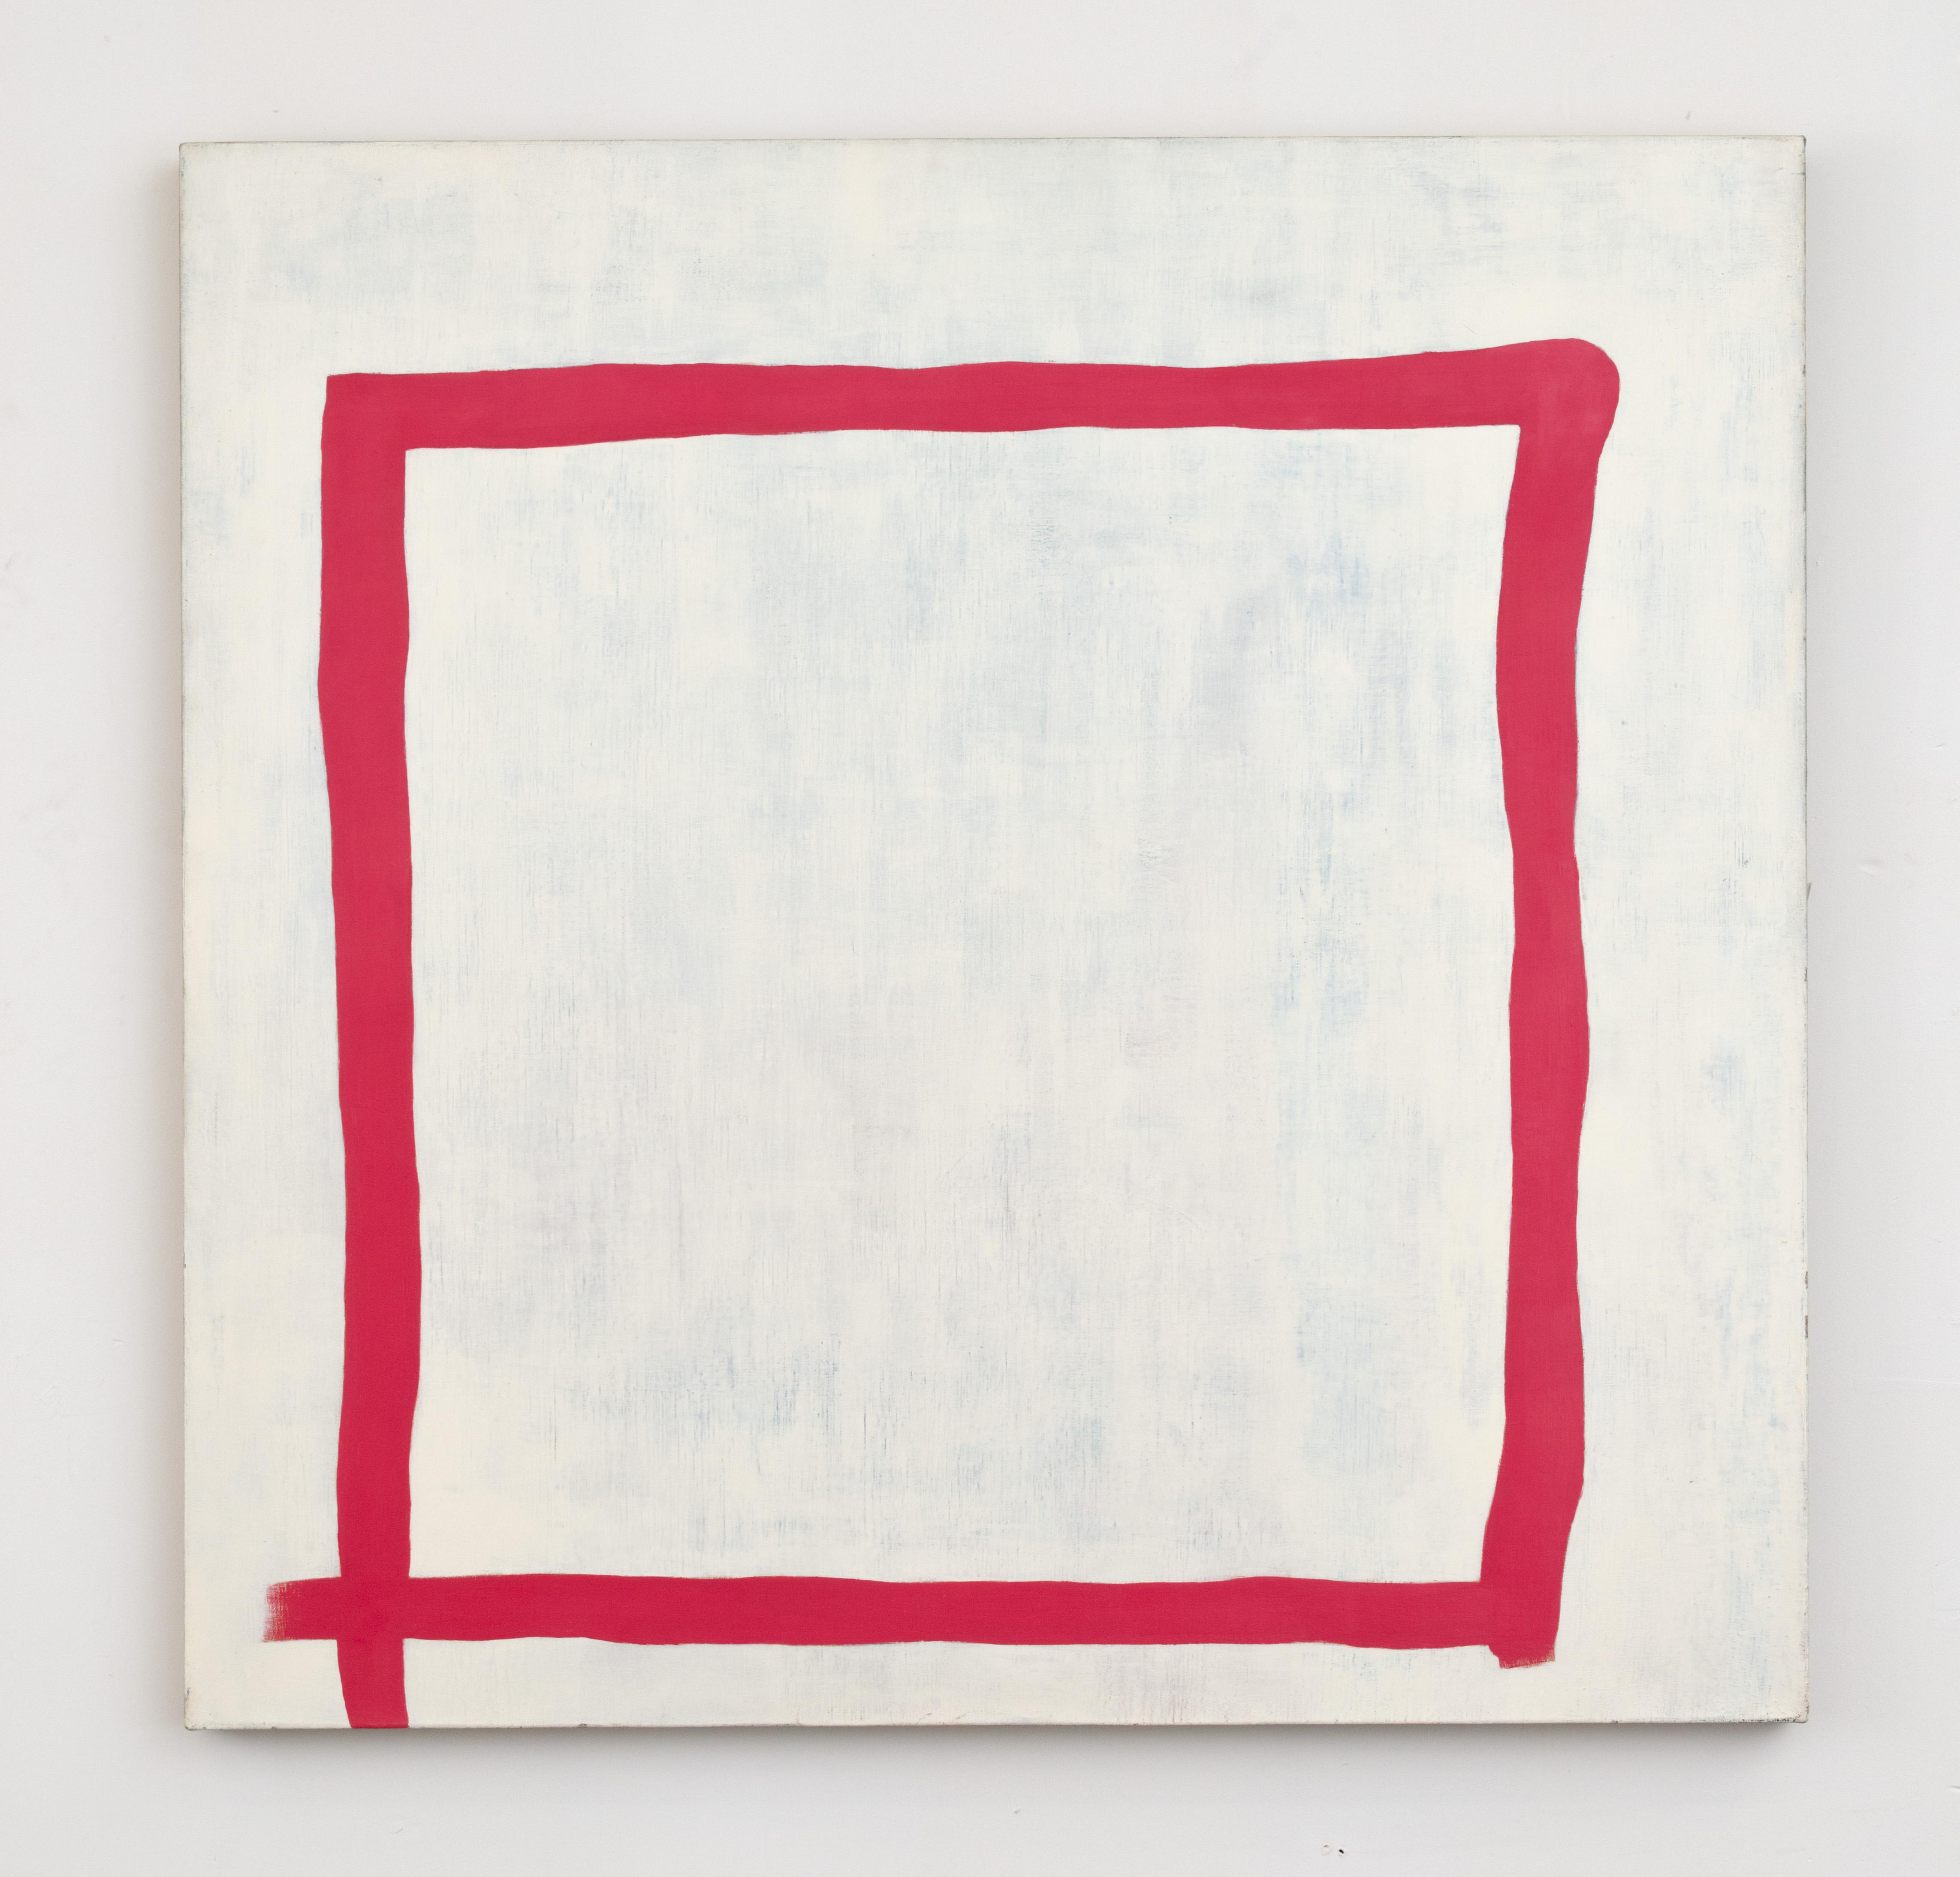 Rochelle Feinstein, Make It Behave, 1990, Öl auf Leinwand, 106,7 x 106, 7 cm, Courtesy Stellar Rays und die Künstlerin